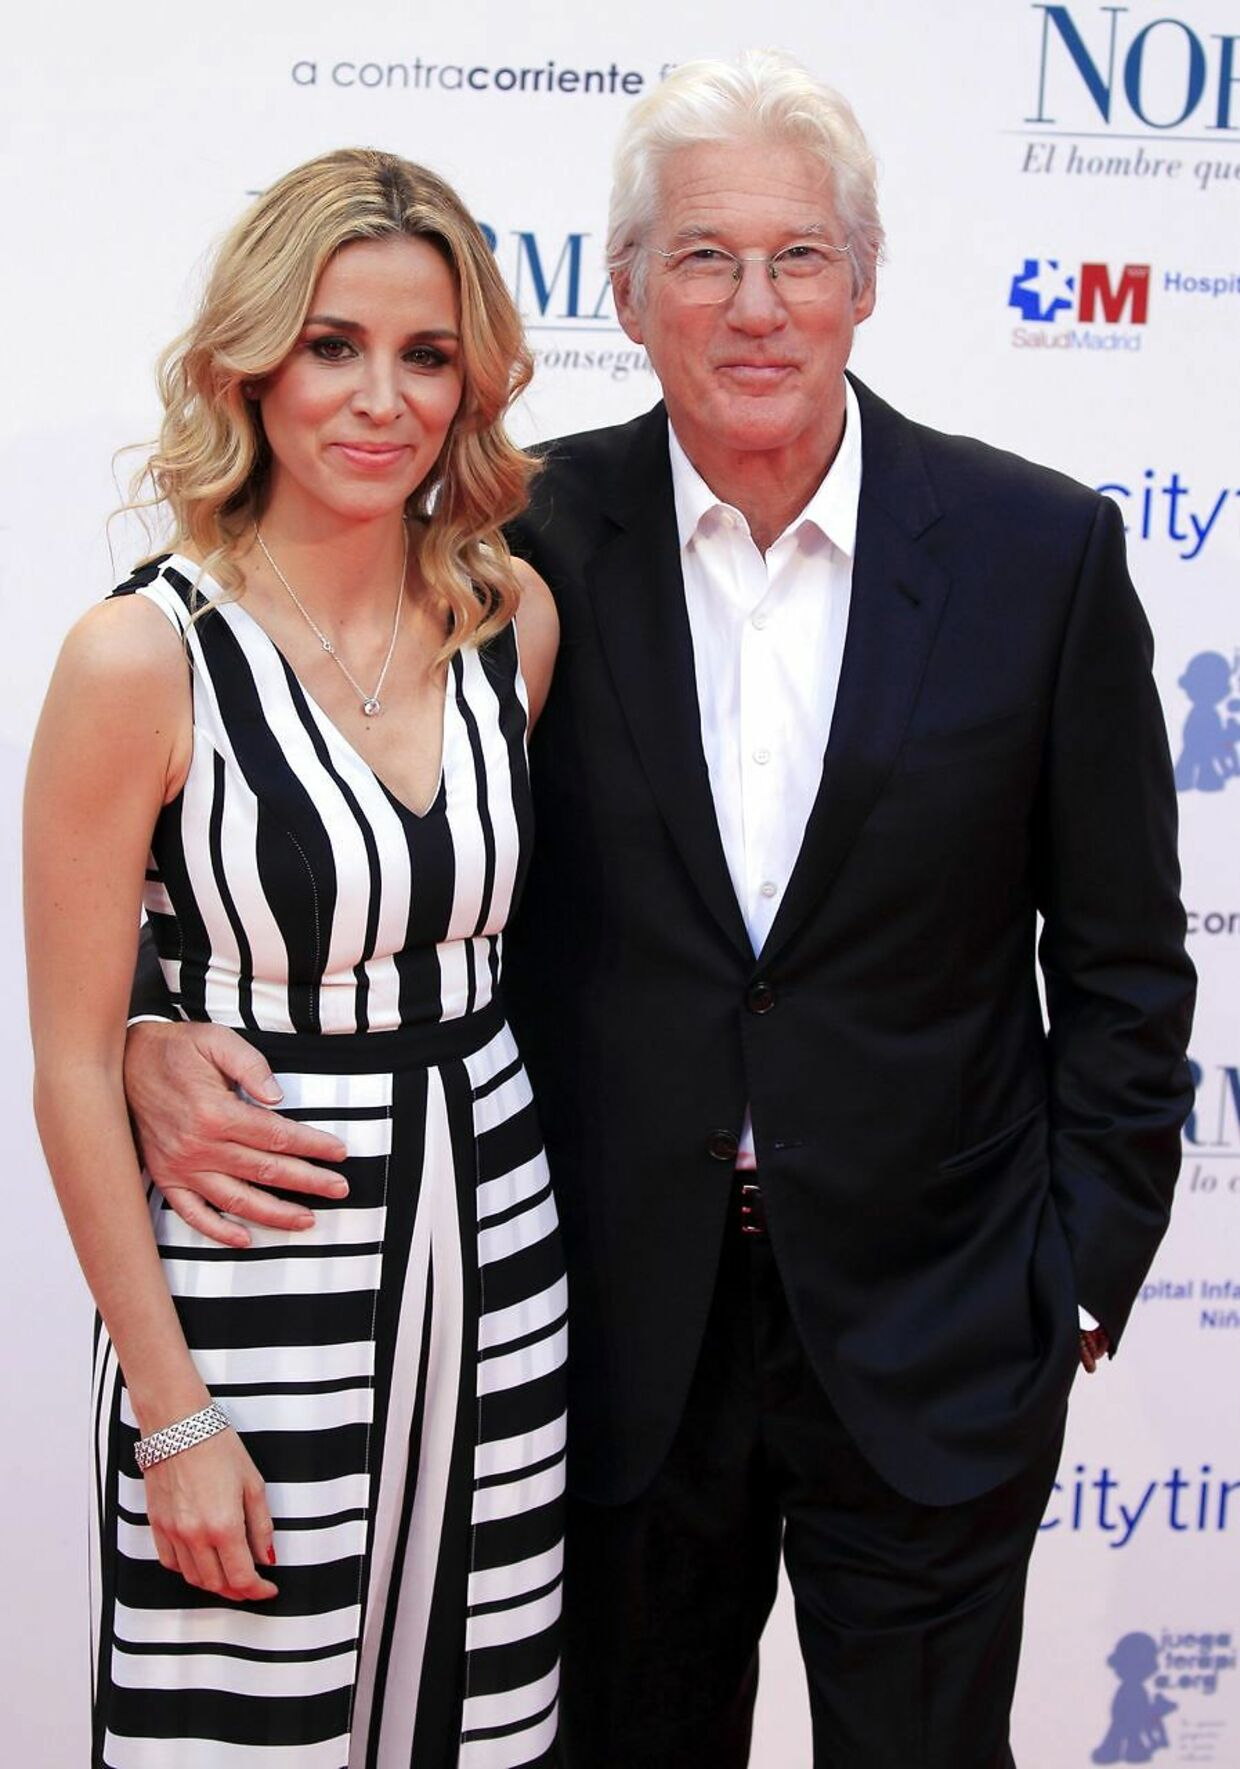 Richard Gere (69) og Alejandra Silva (35) til en premiere i Madrid i maj 2017. Den gang var parret endnu ikke gift eller gravide, men nu er de blevet forældre til en dreng.